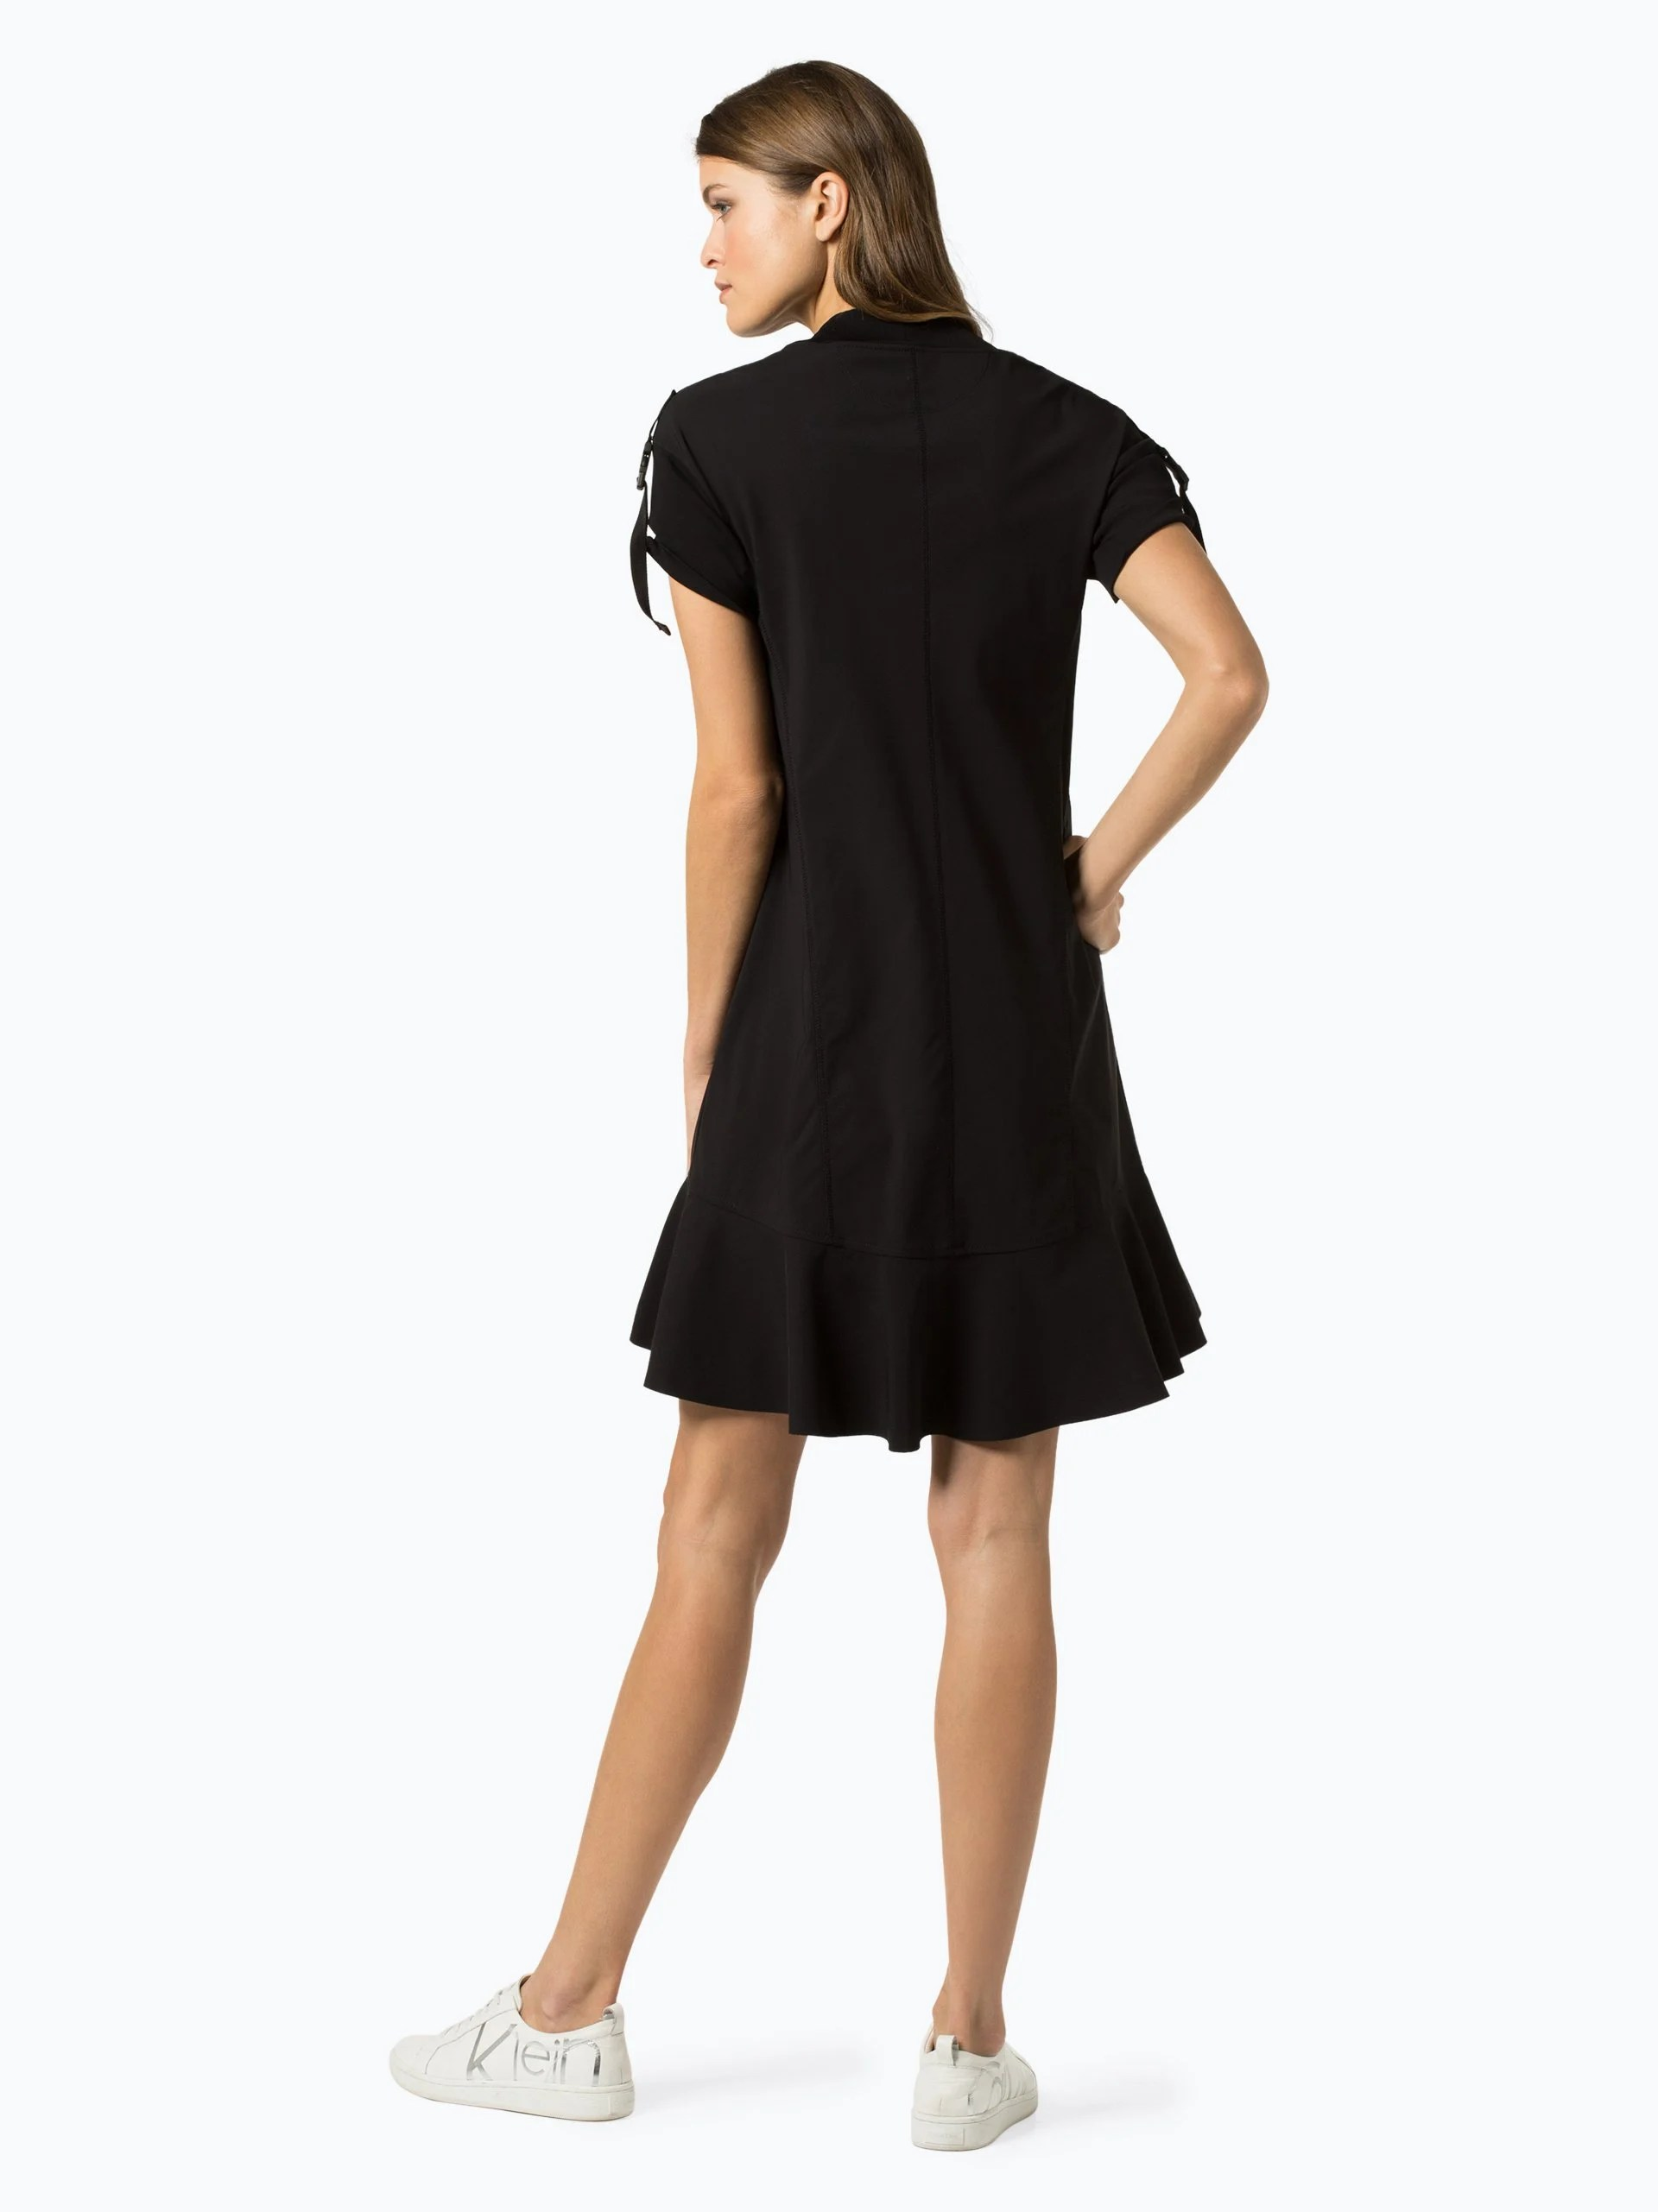 Marc Cain Sports Damen Kleid online kaufen   PEEK-UND-CLOPPENBURG.DE